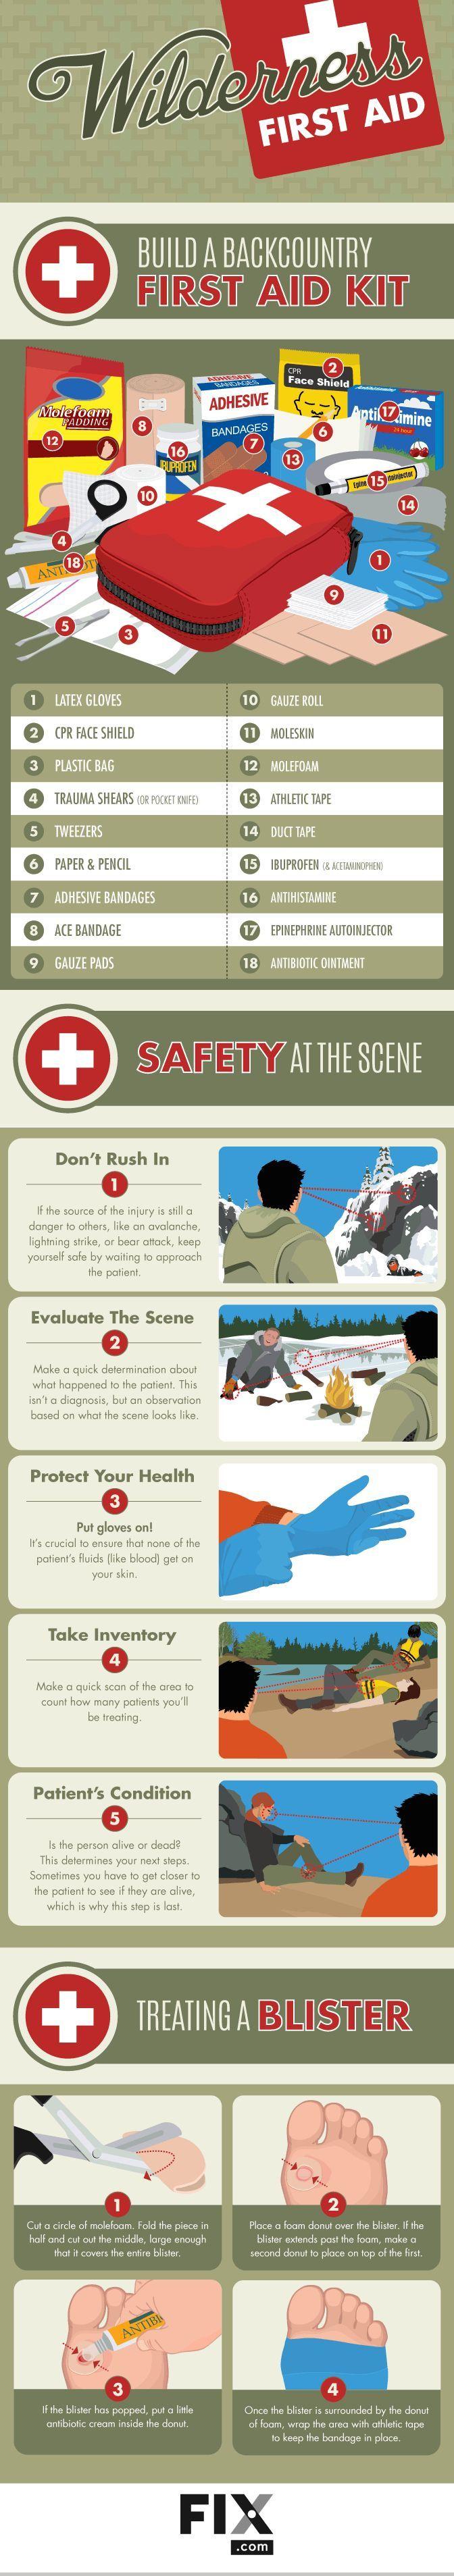 Wilderness First Aid | Year Zero Survival – Premium Survival Gear and Blog